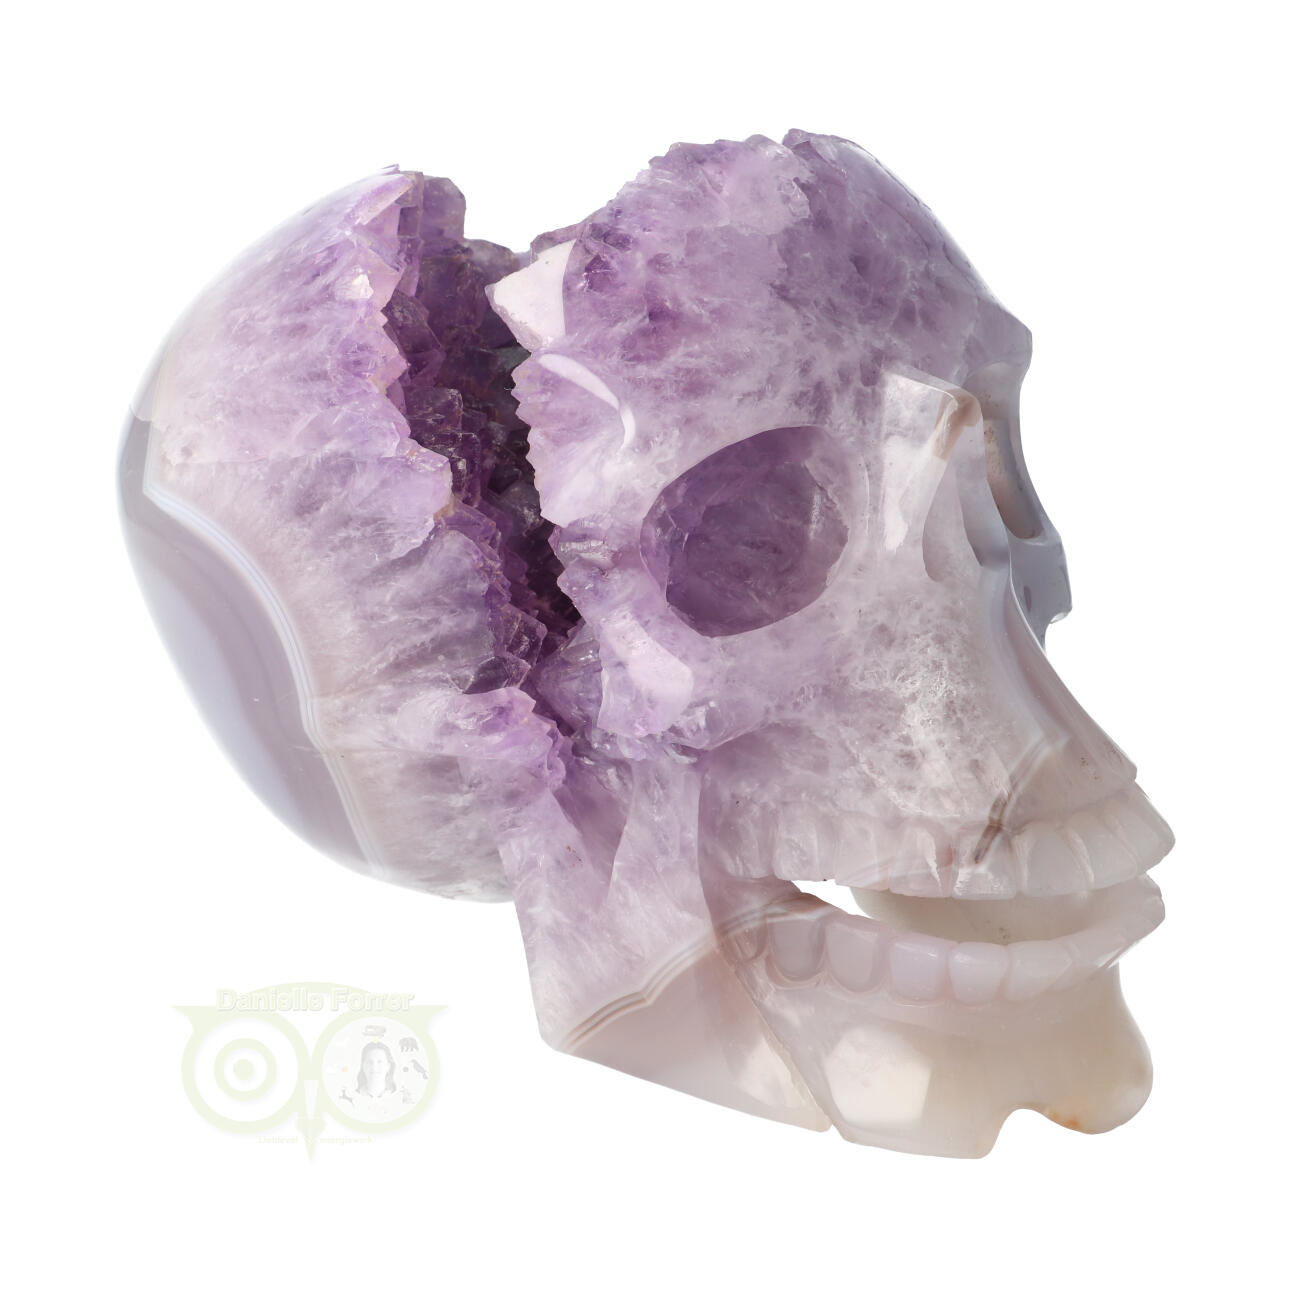 Amethist kristallen schedel | kristallen schedels kopen | Edelstenen Webwinkel - Webshop Danielle Forrer